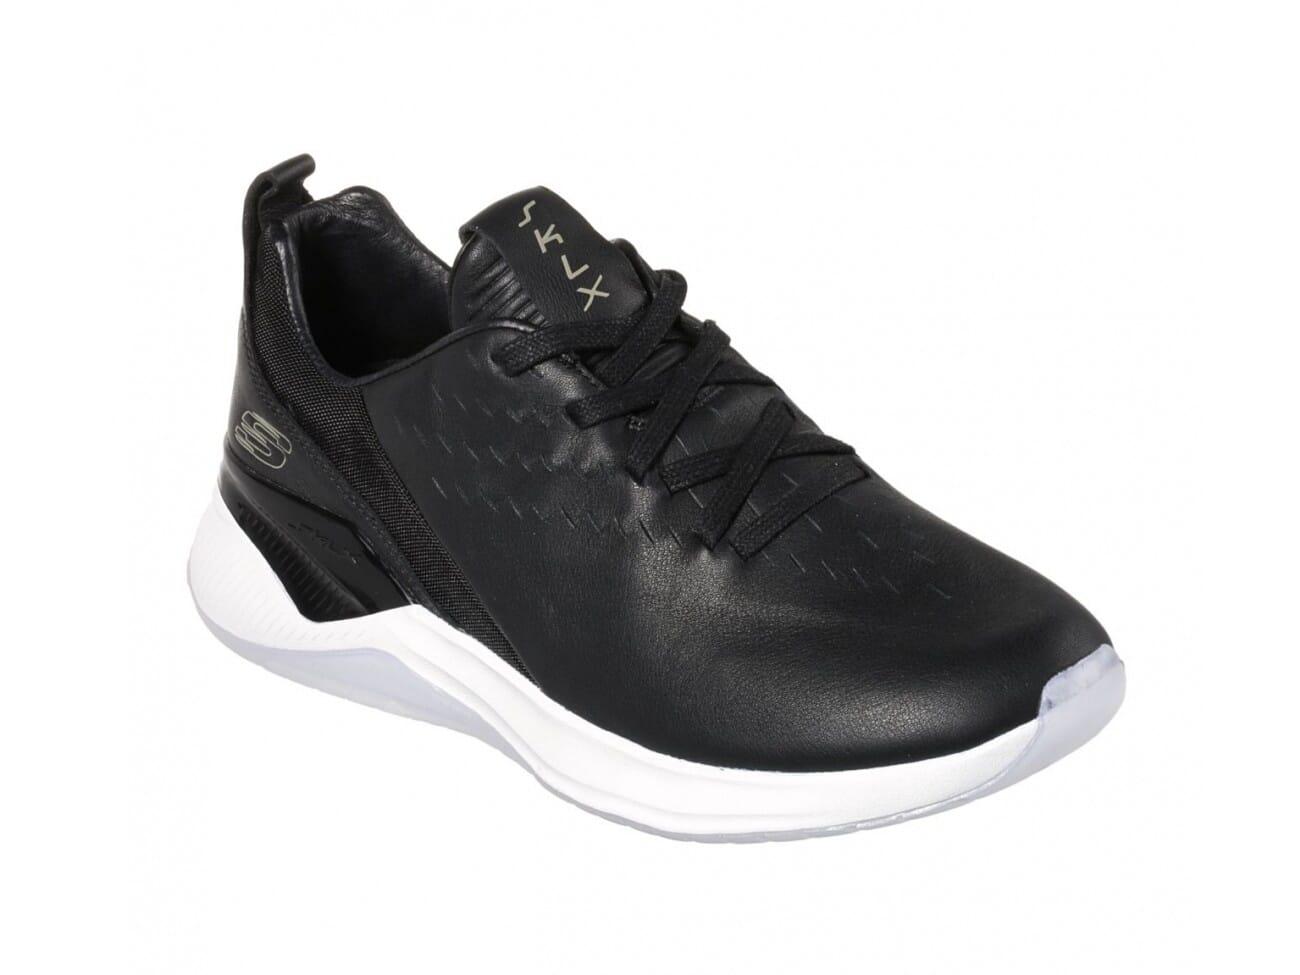 Skechers Sneaker Modena Ceprano Black white Gerd Holms